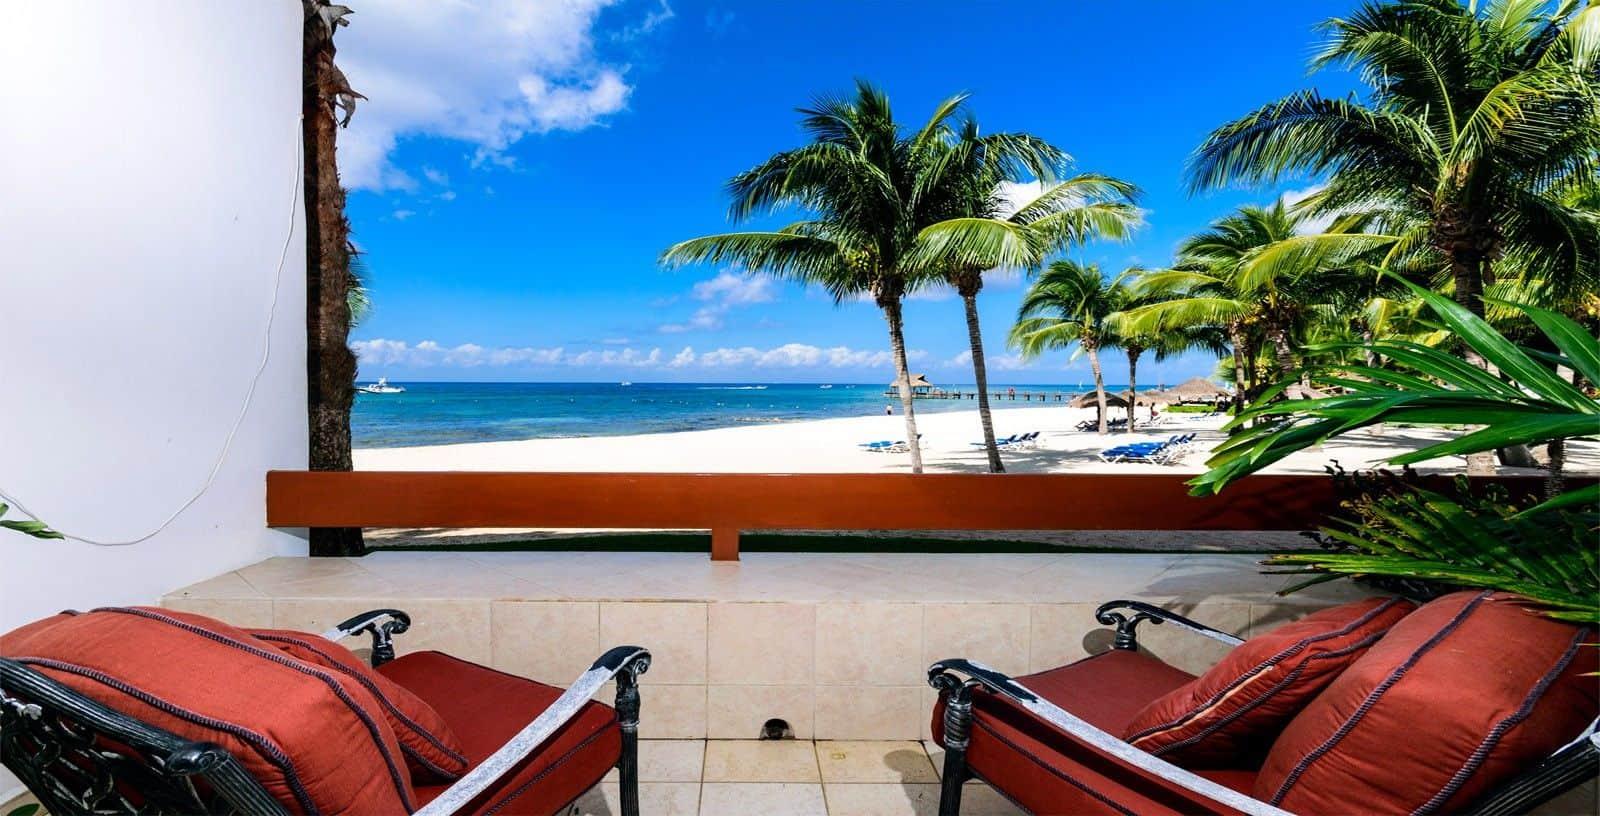 residencias reef cozumel